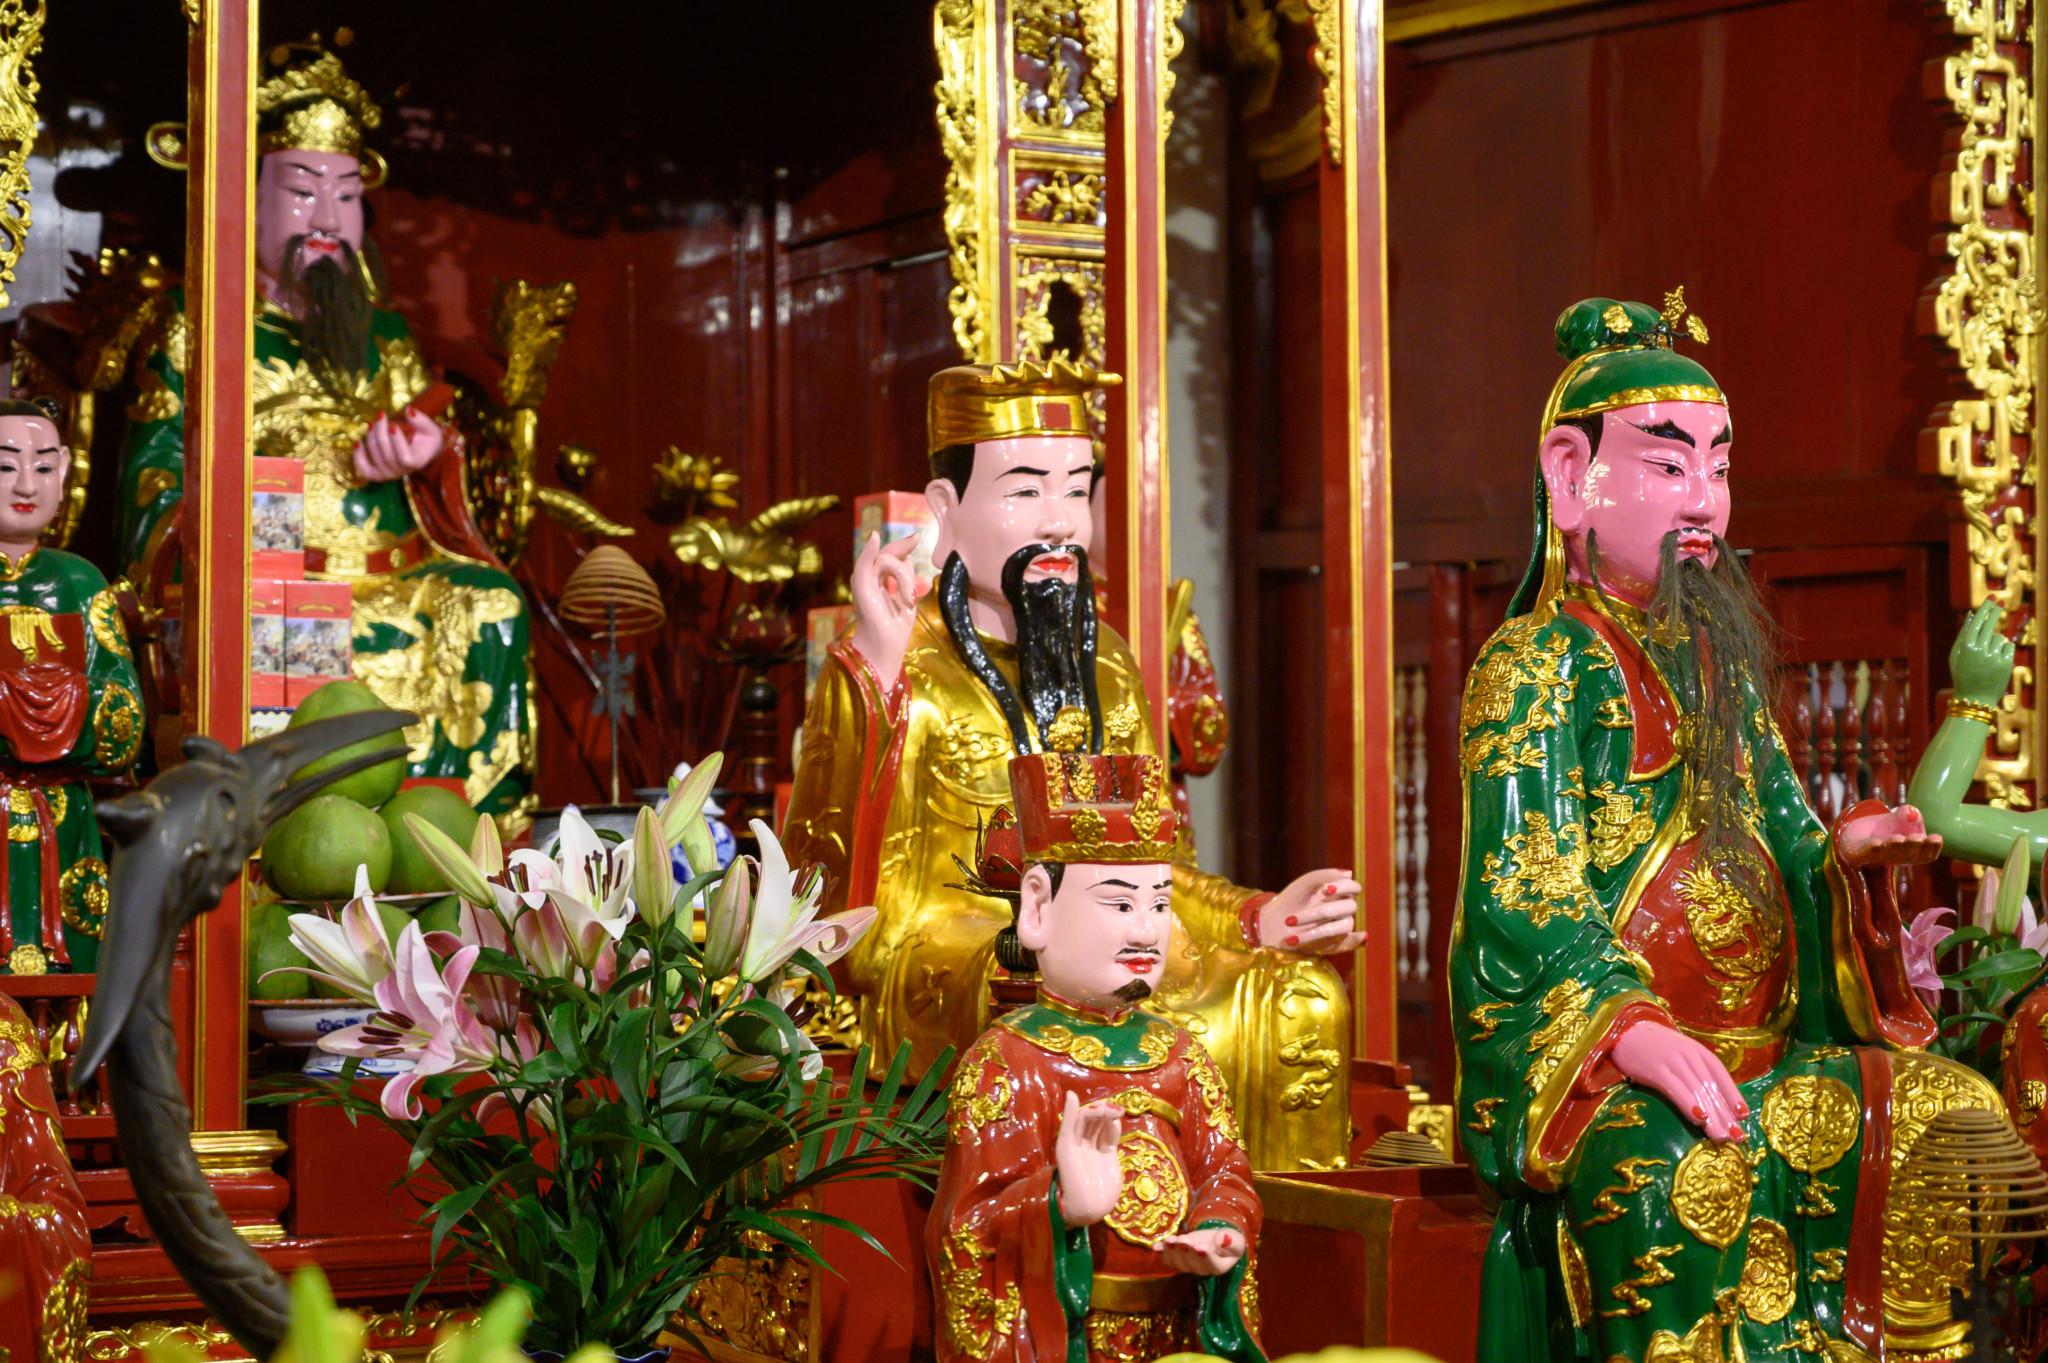 Tempel des Jade Berges auf der Insel Ngoc in Hanoi